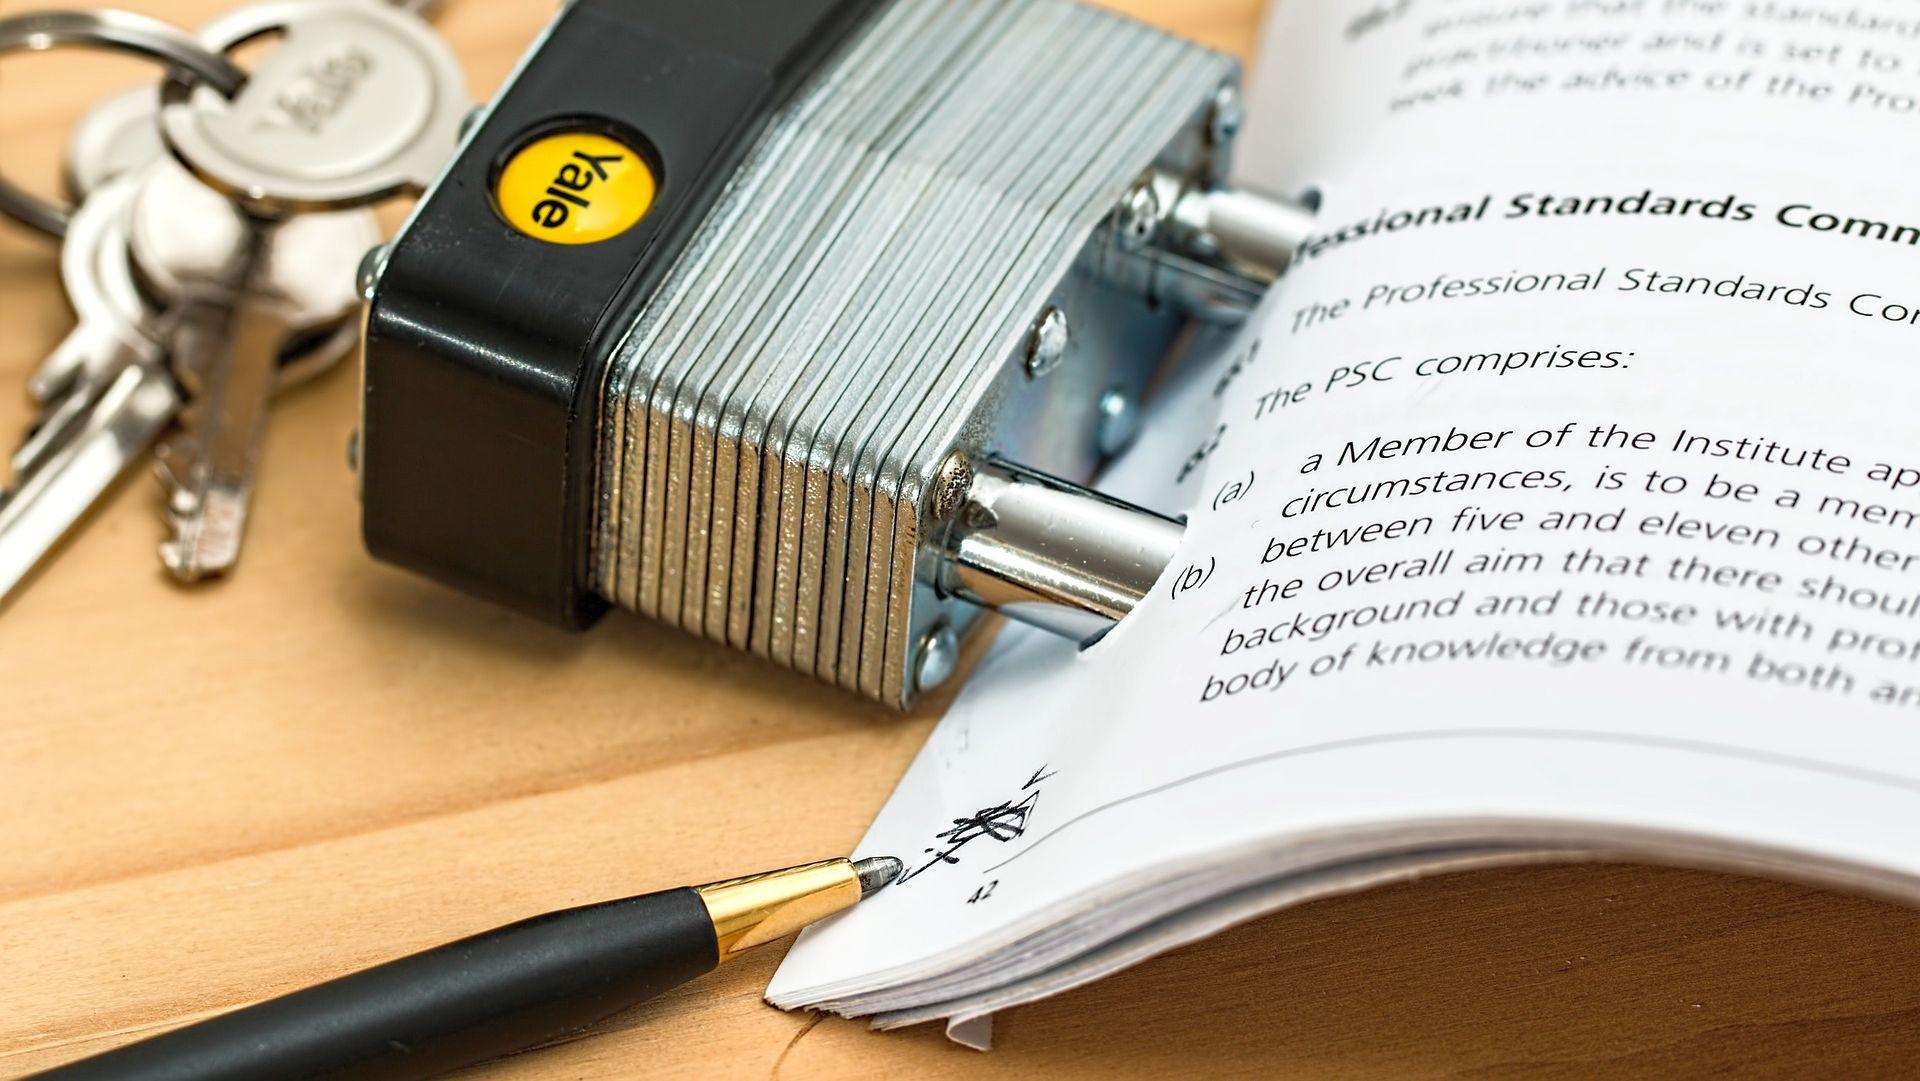 Het afsluiten van zorgcontracten heeft (tot nu toe) niet bijgedragen aan kostenbeheersing, blijkt uit een recent proefschrift. Hoe nu verder?